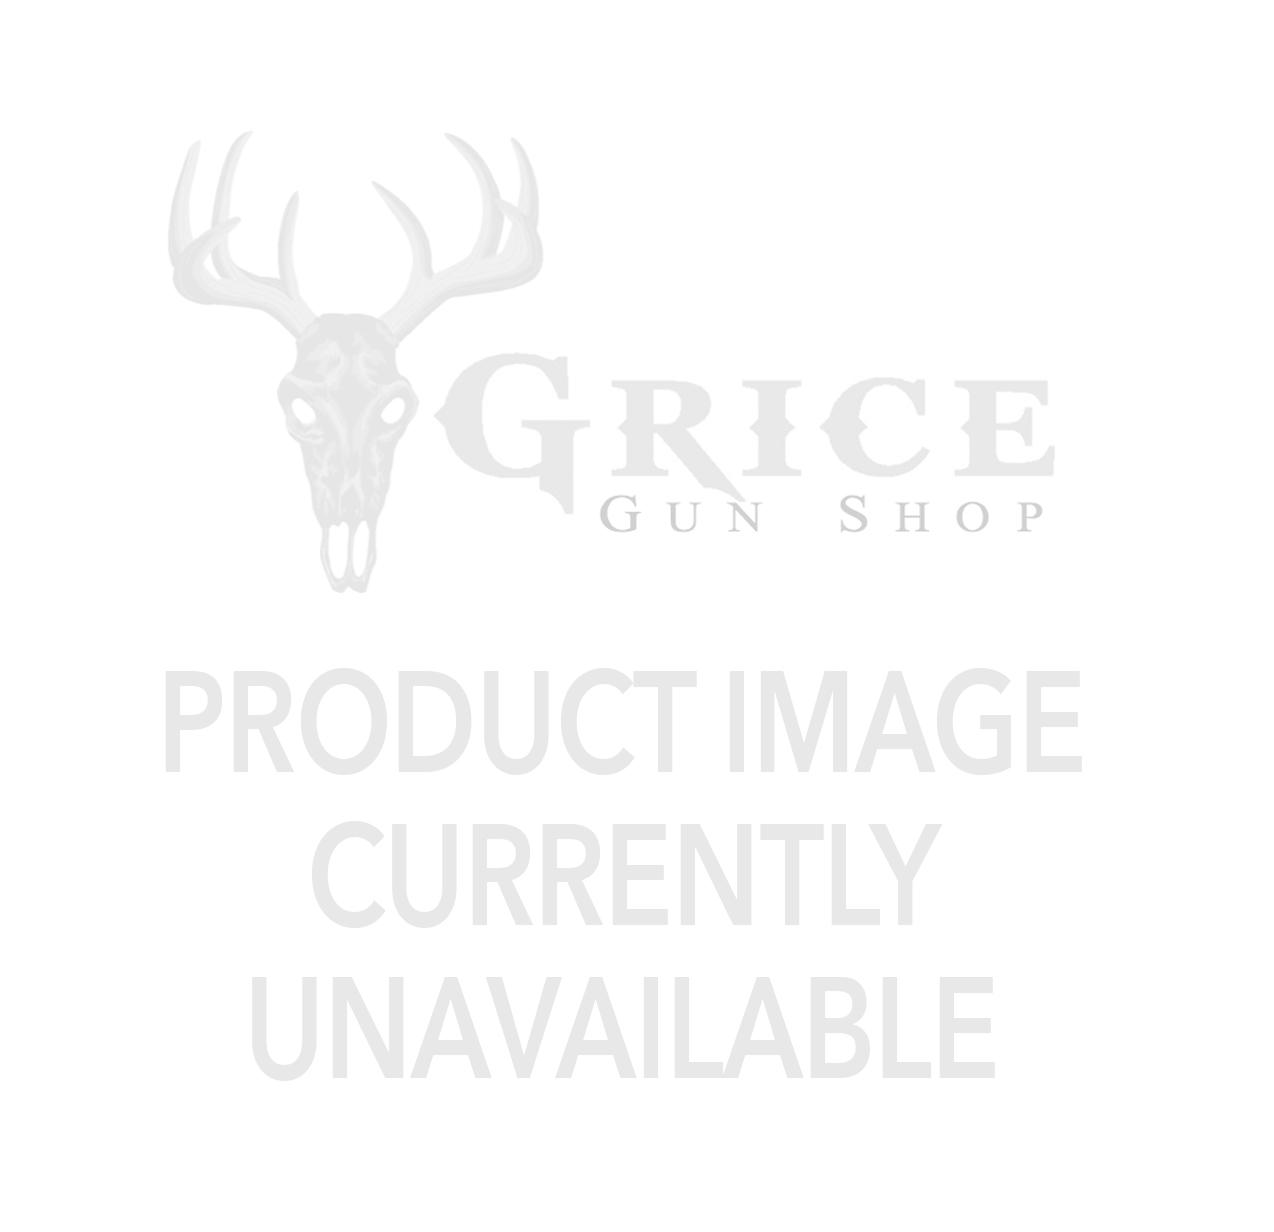 Hornady - Custom GMX 300 WinMag 165gr (20 Rounds)